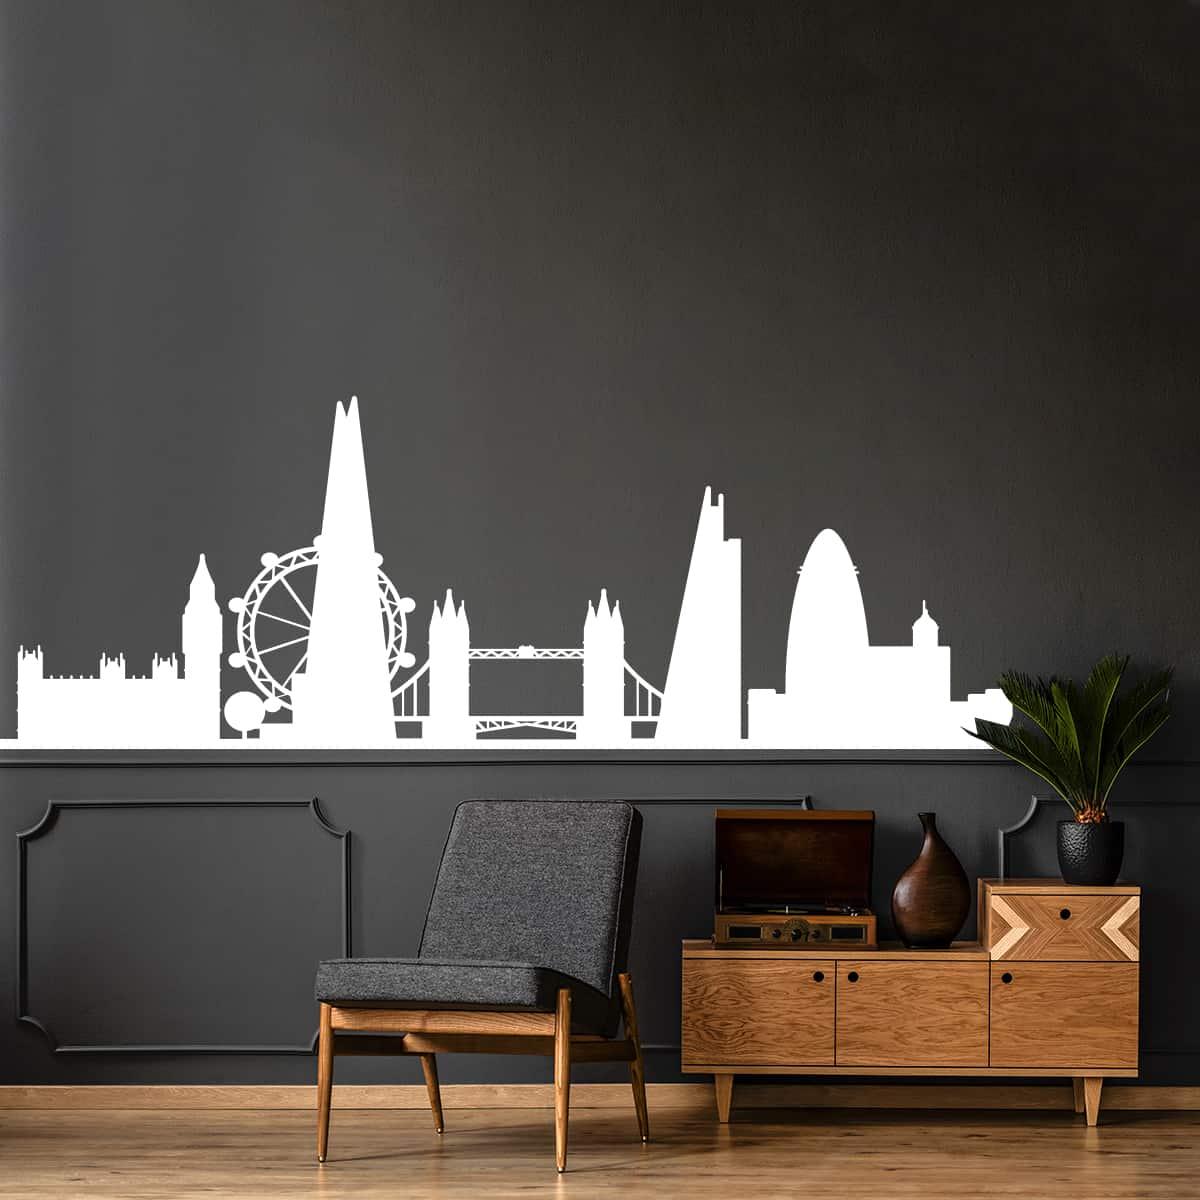 Decora le pareti della tua casa con i bellissimi adesivi murali monocolore di i&d! Evergreen Orange New York Skyline